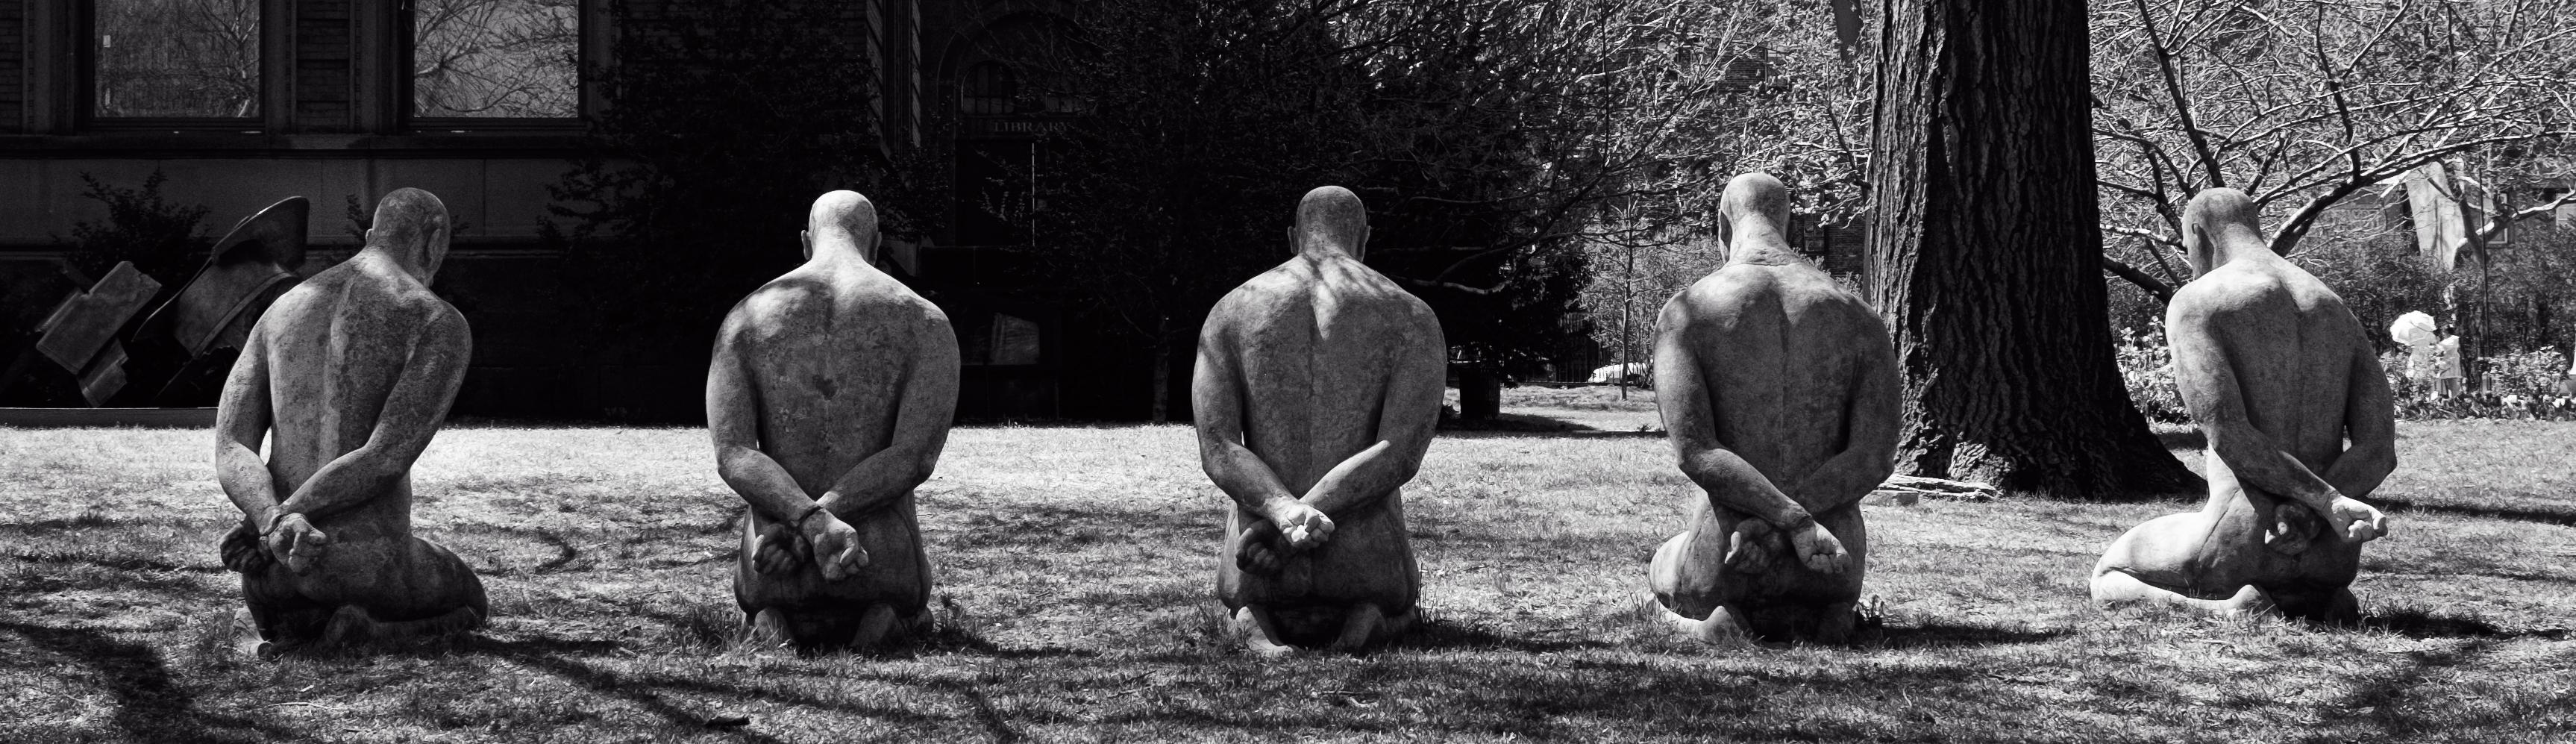 pratt-inst-bound-men-sculpture